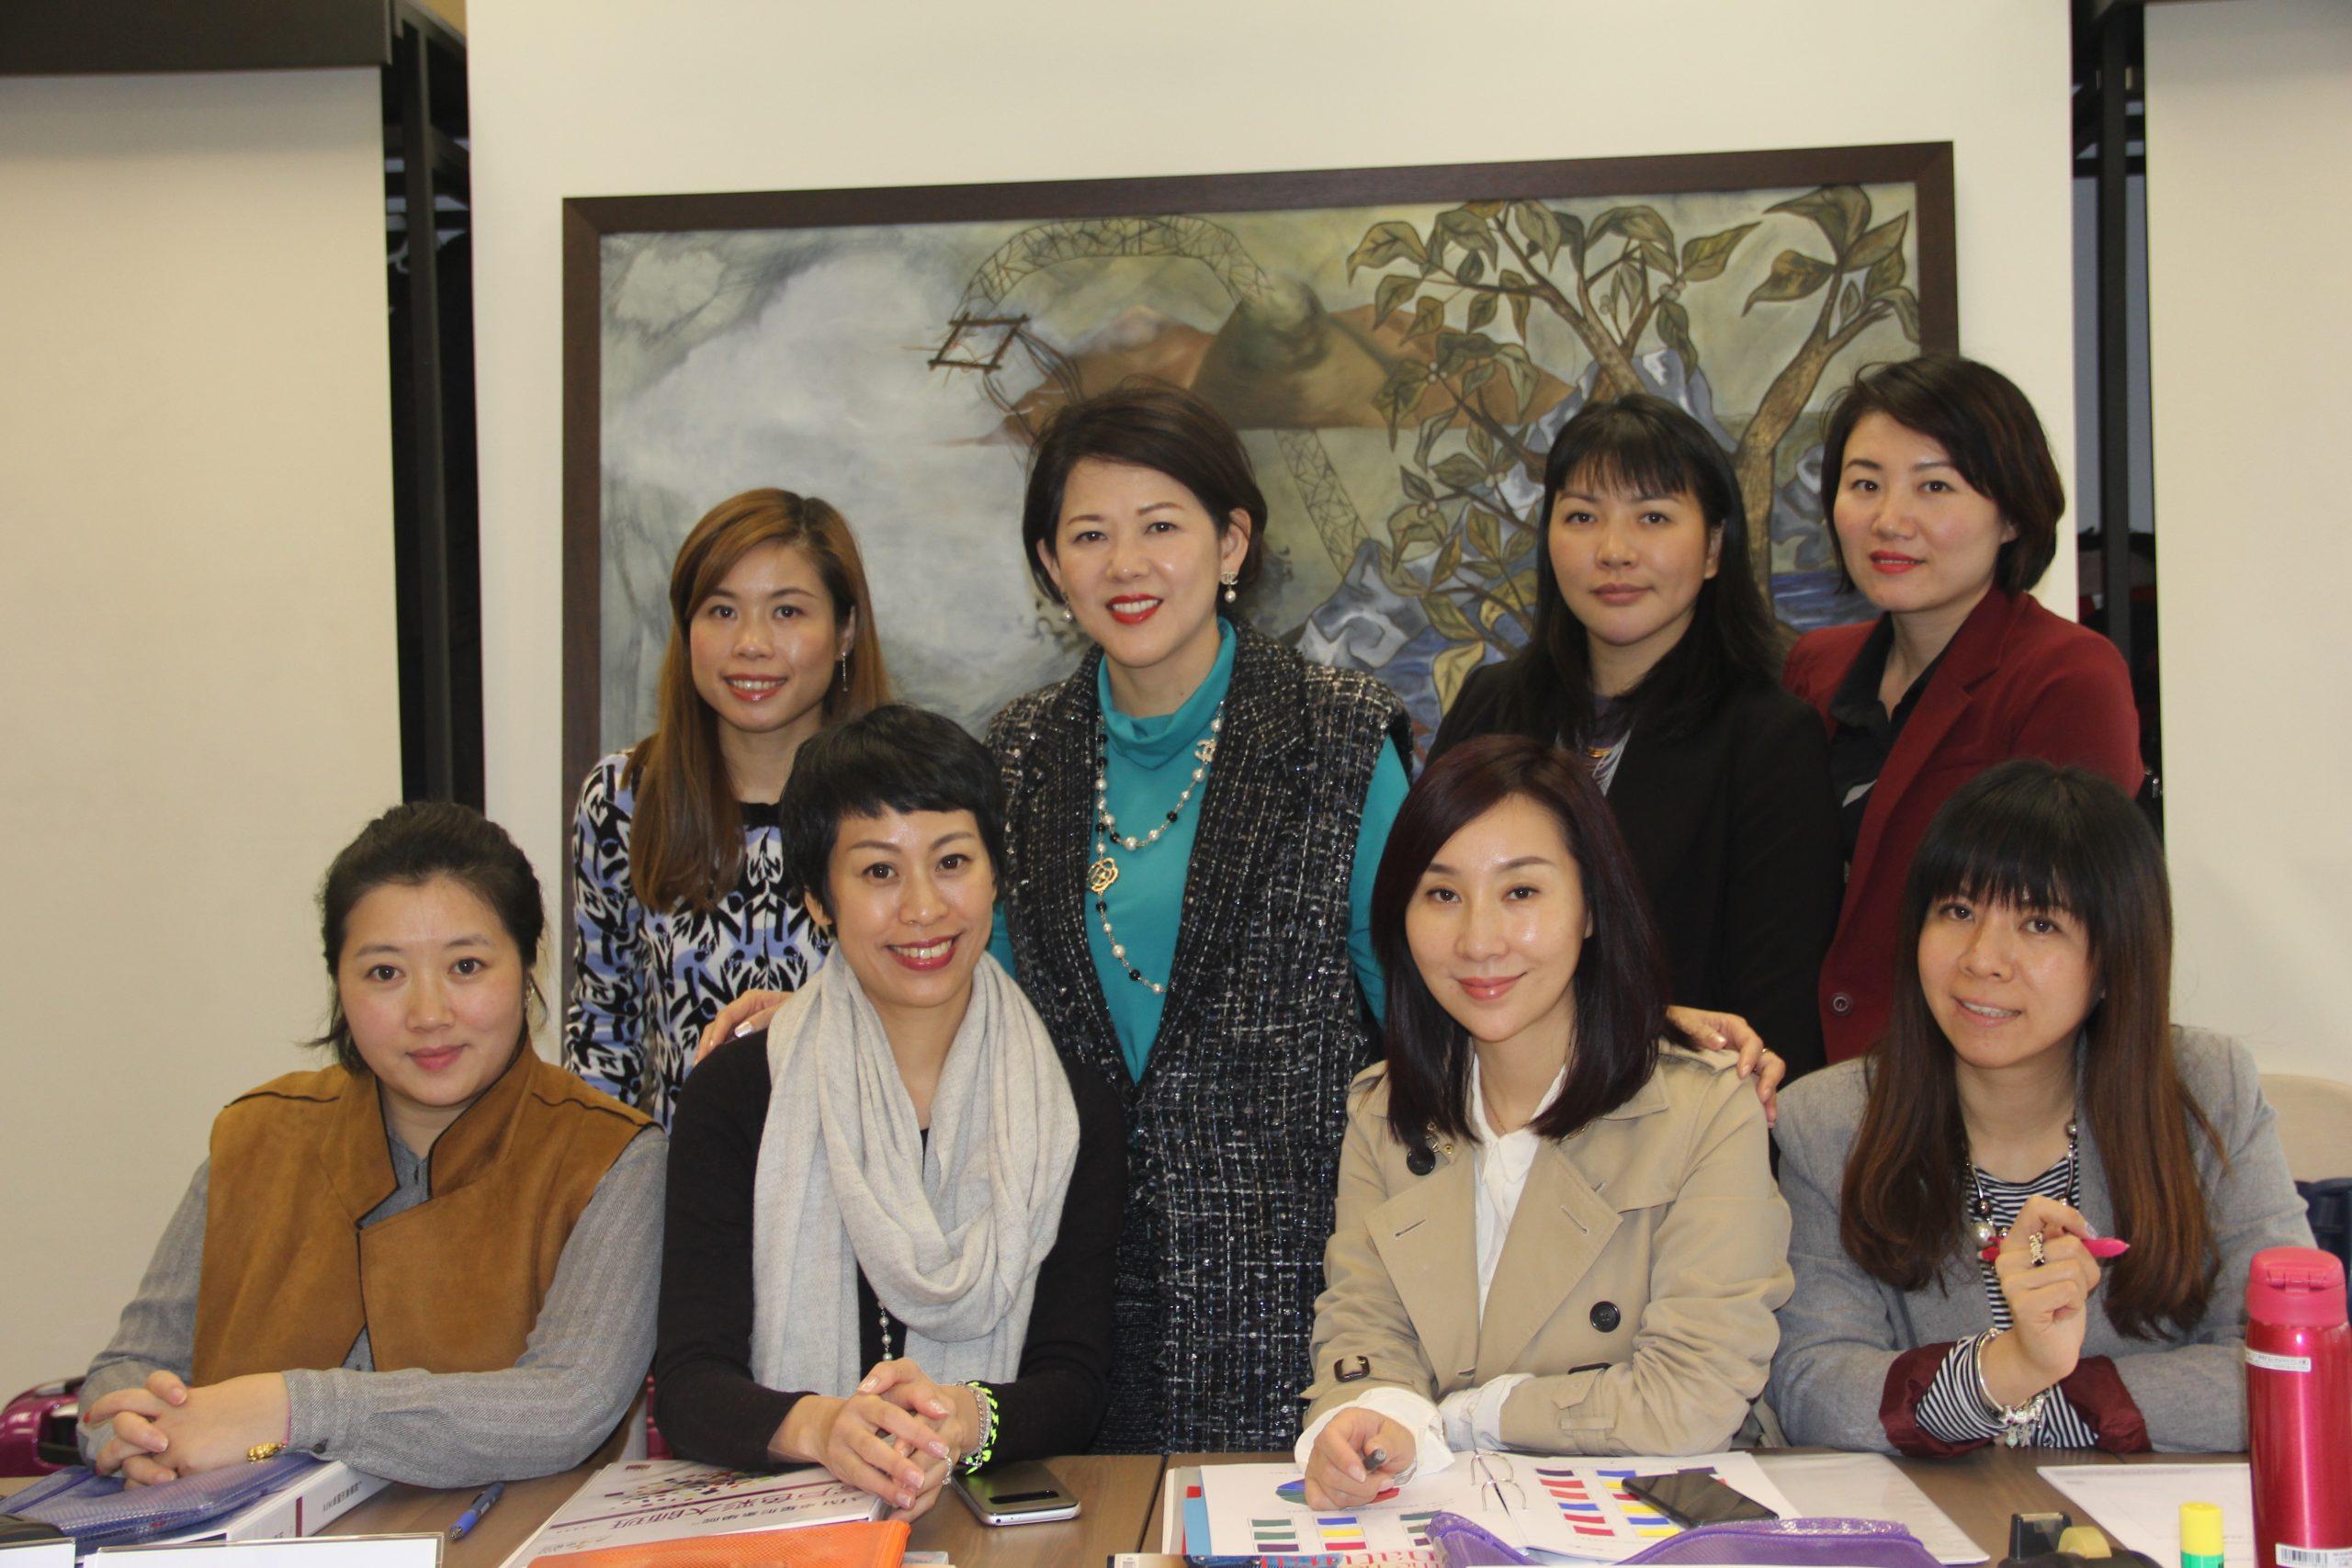 桌星形象学院香港分院基础形象顾问课程